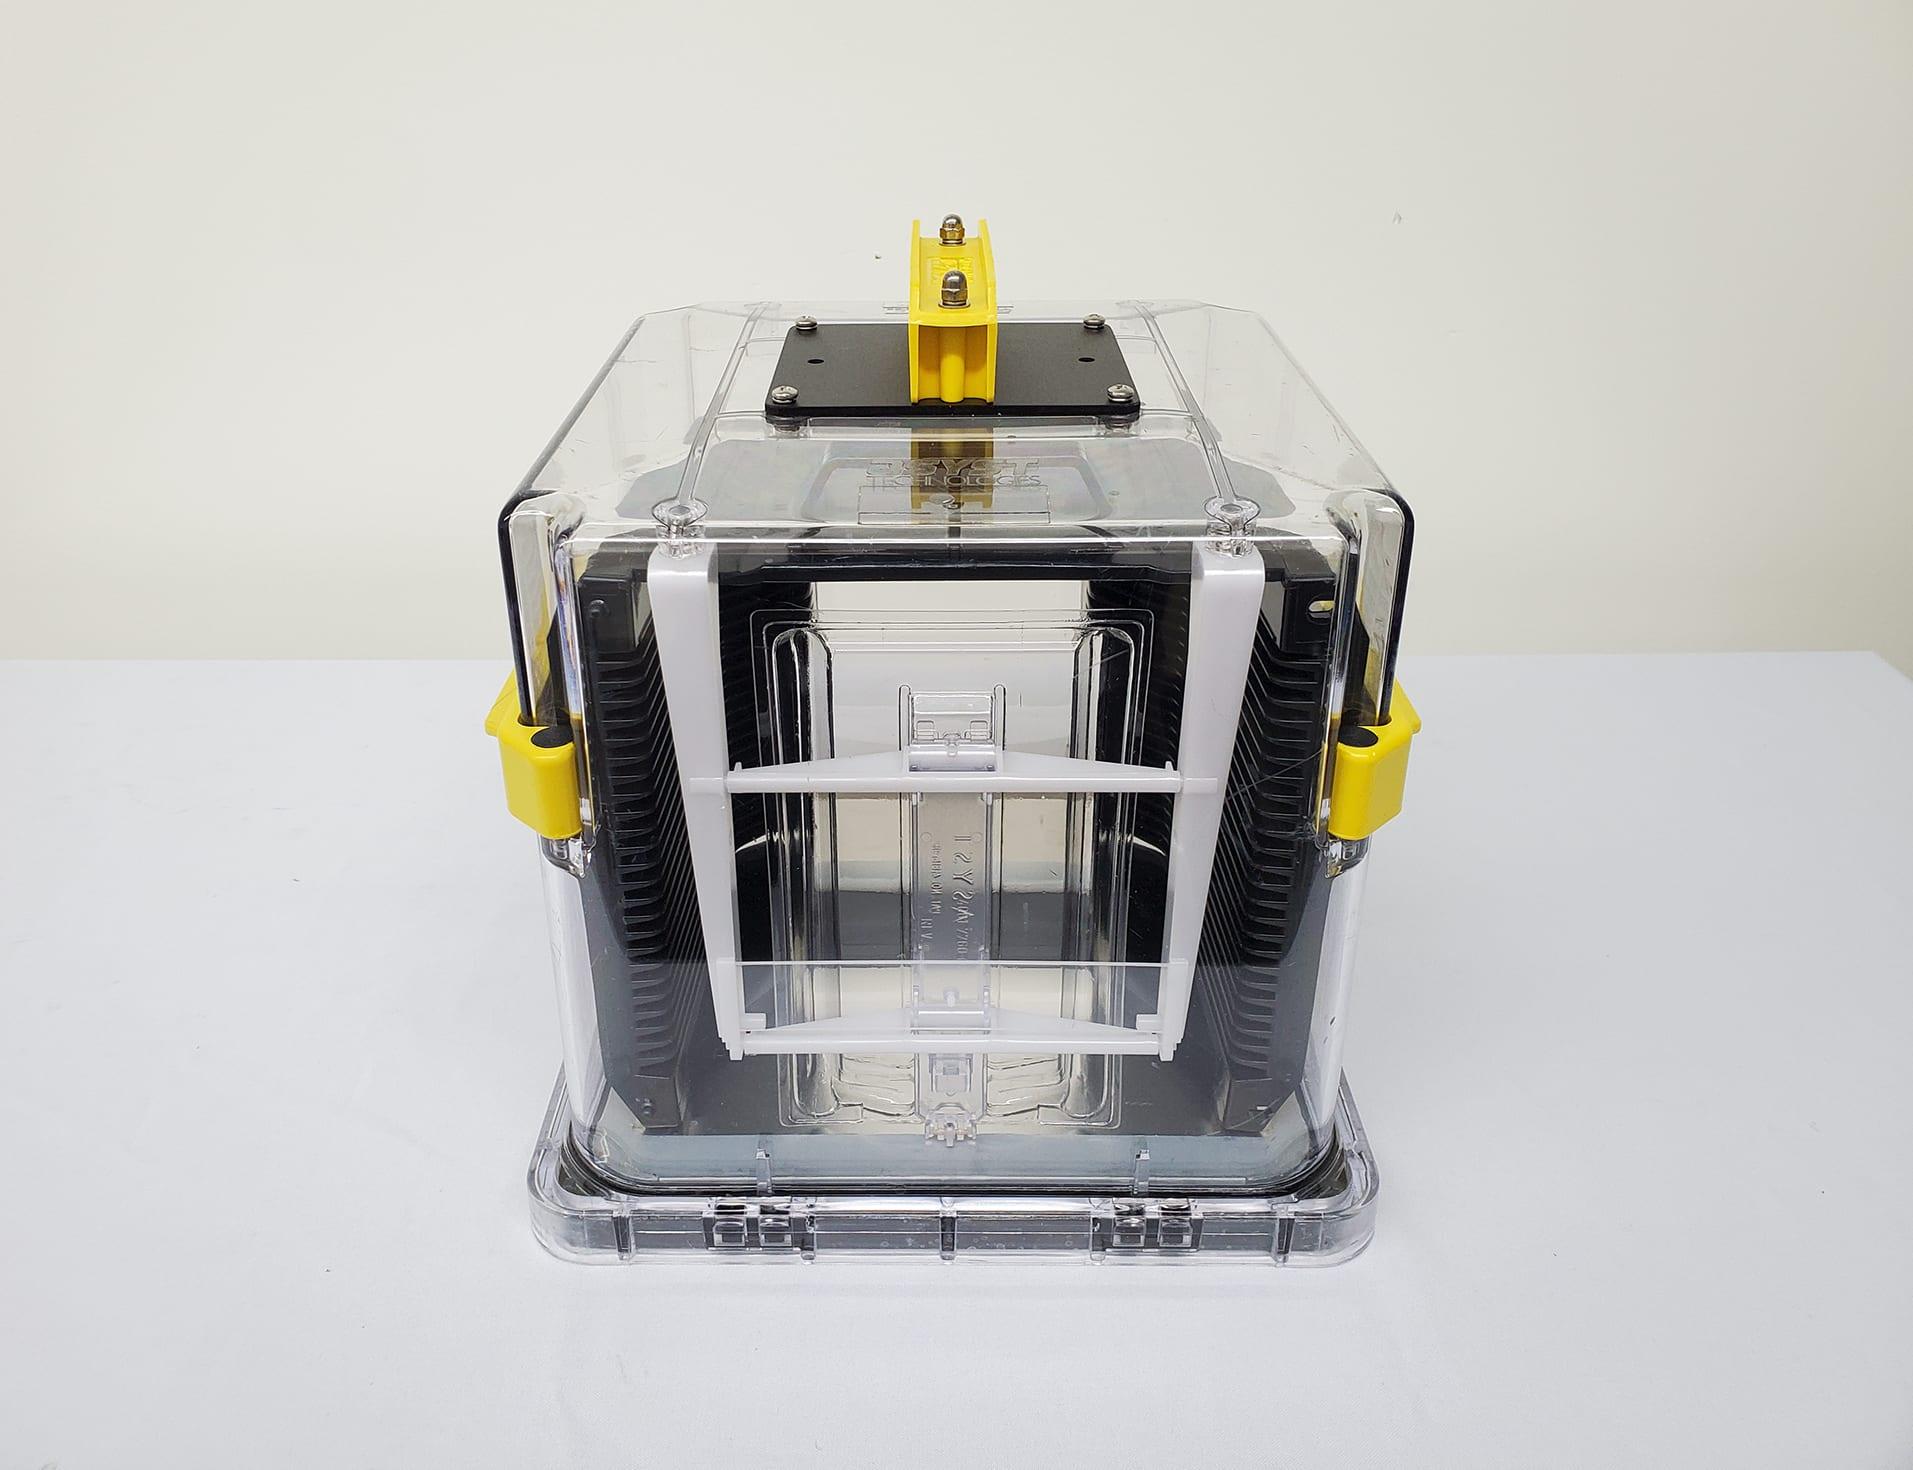 Asyst SMIF Wafer Case Transfer Pod -58532